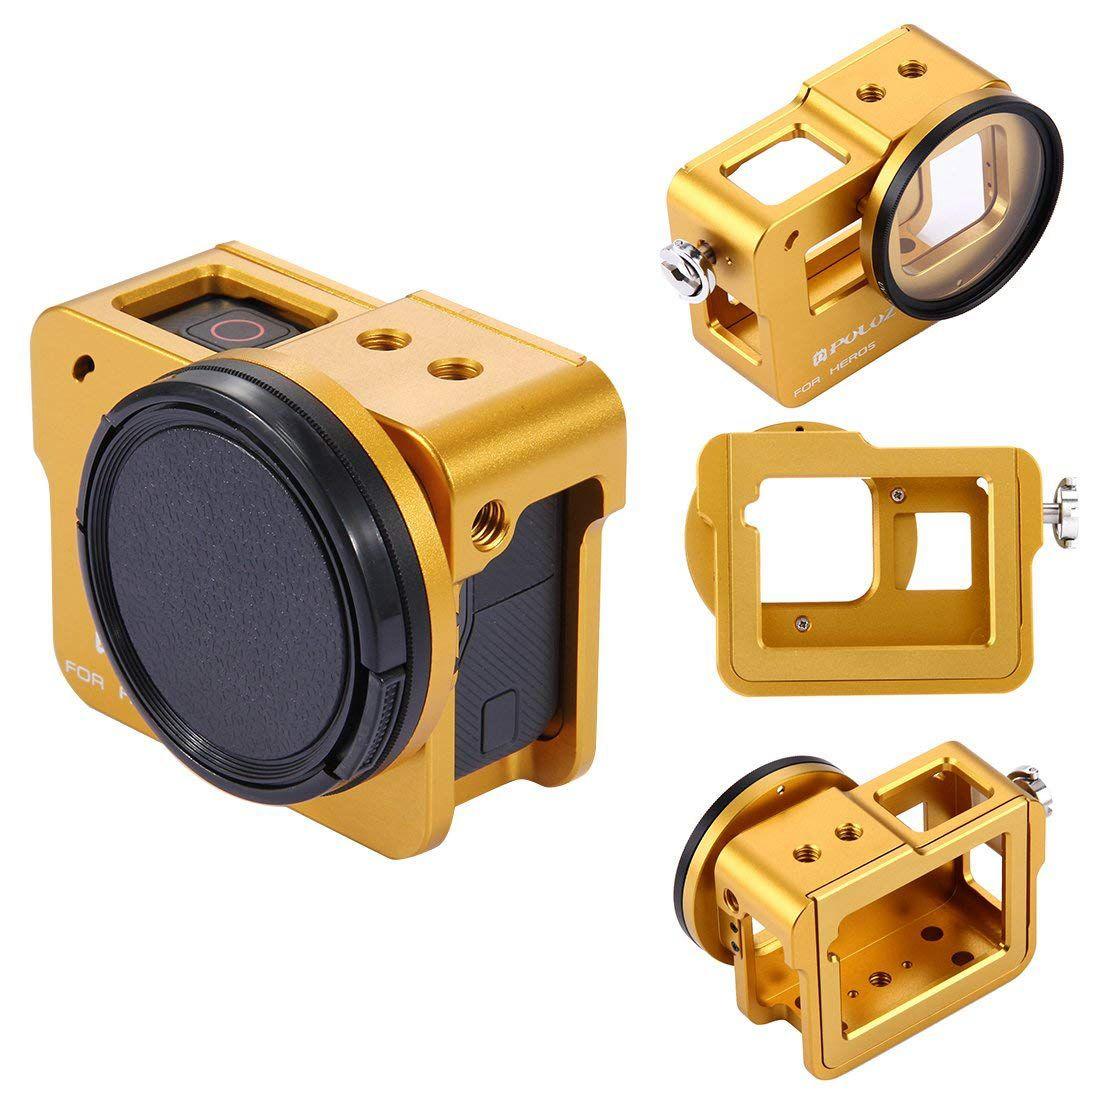 PULUZ per GoPro Nuovo Hero (2018) goPro Hero 6/5 CNC In Lega di Alluminio Custodia Custodia Protettiva Gabbia con Assicurazione Borsette Frame & 52 m